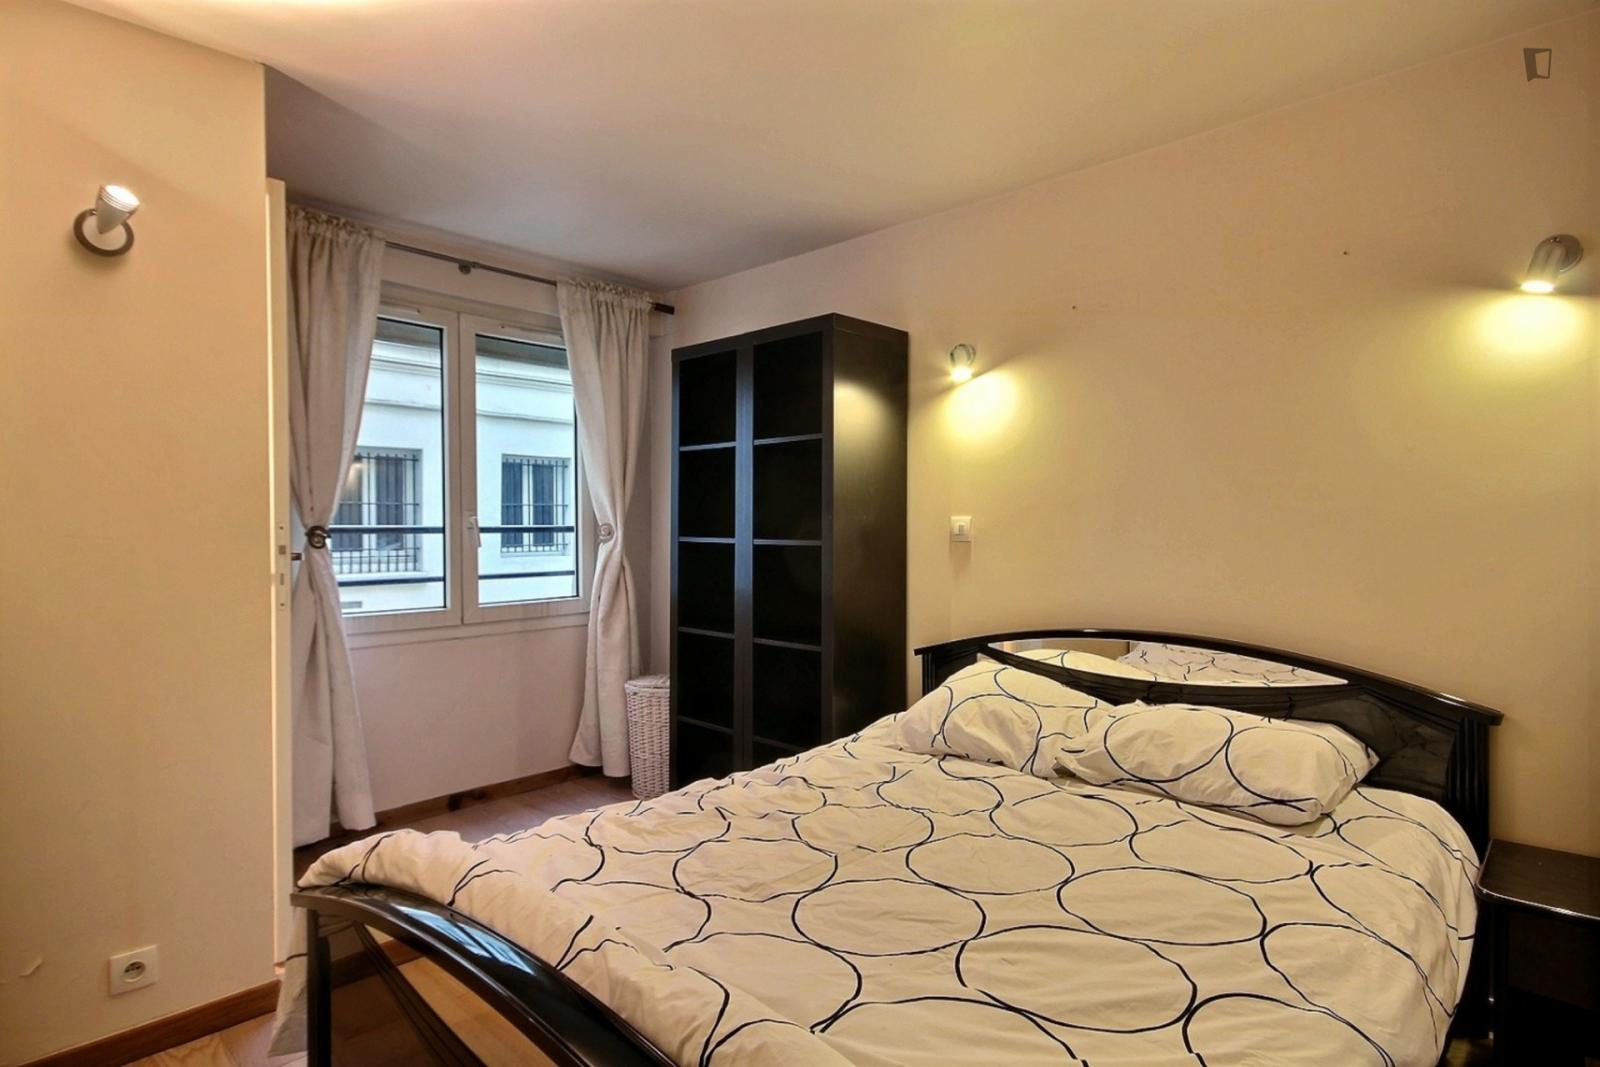 rue Notre Dame de Nazareth, 3rd arrondissement of Paris, FR-75 - 1,473 EUR/ month